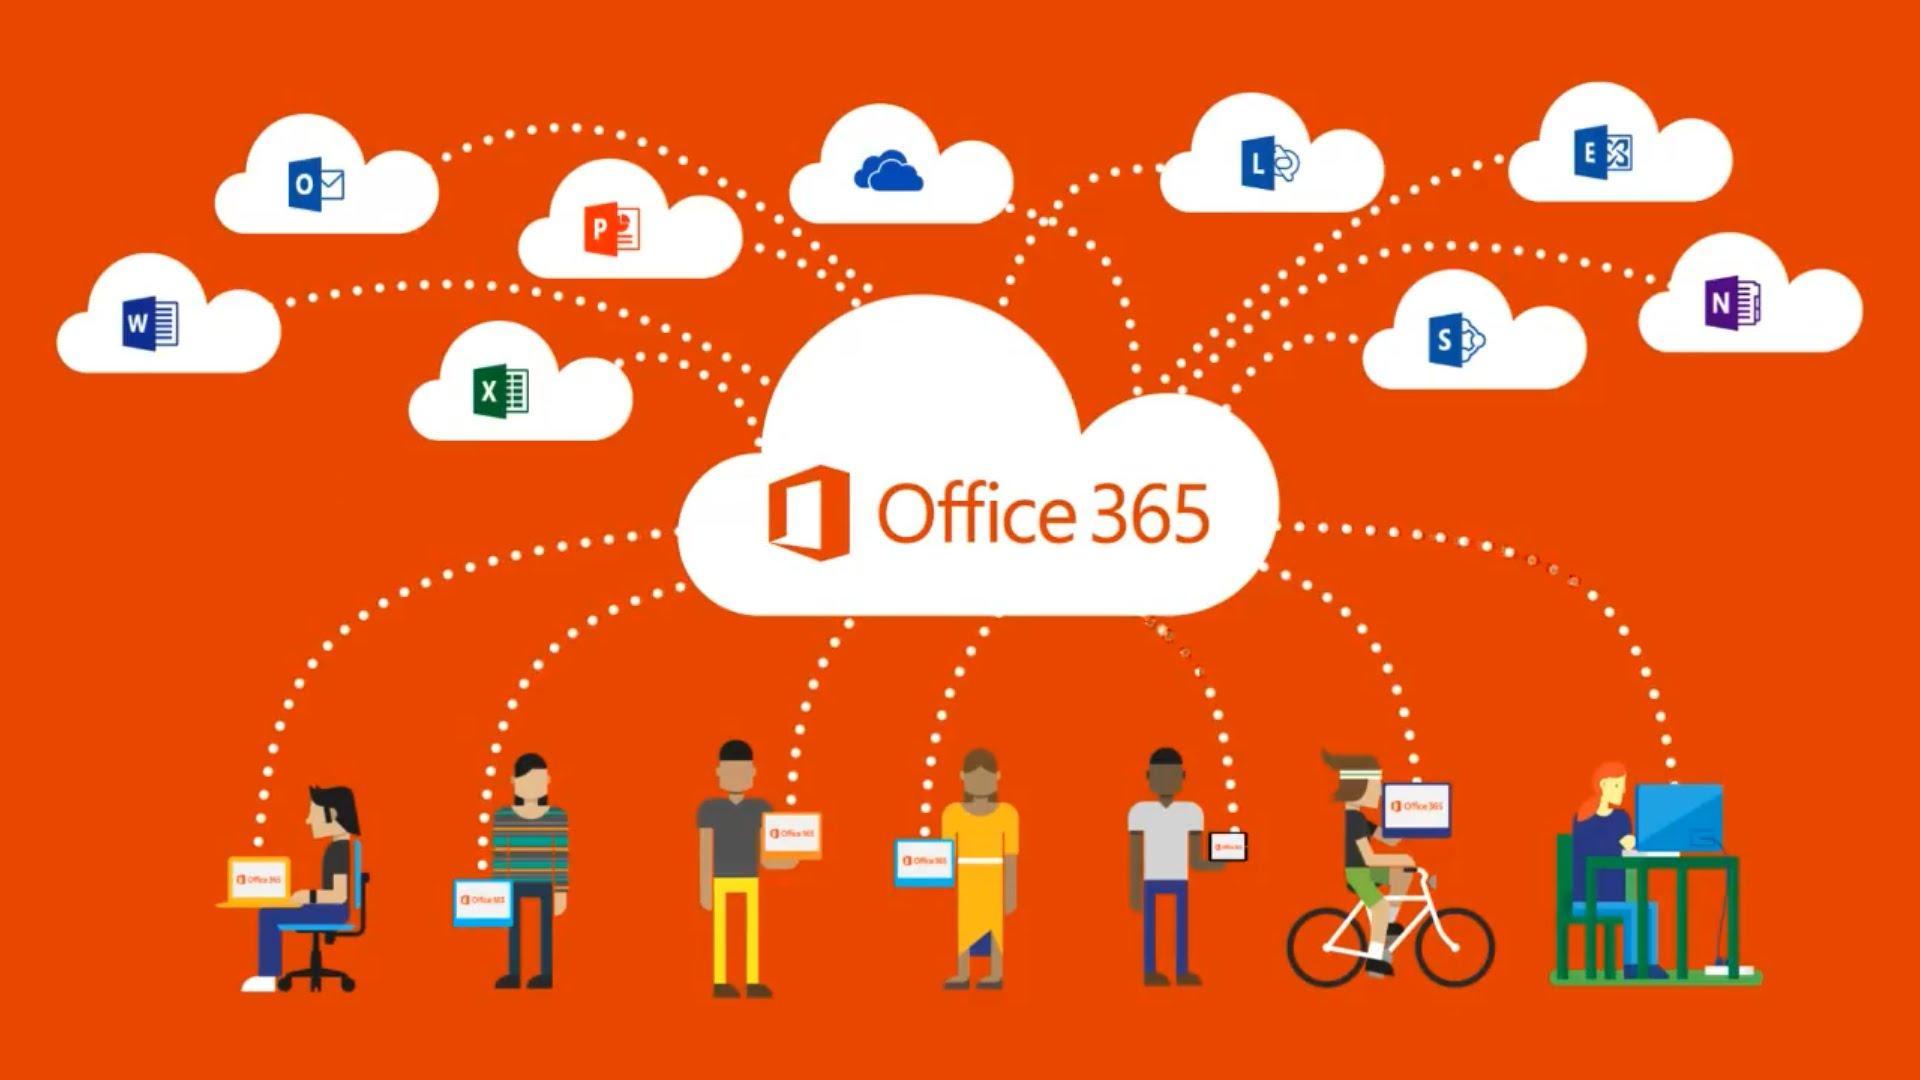 MS Office 365 : Suite collaborative par Microsoft - Logiciel, fonctionnalités - Avis et prix